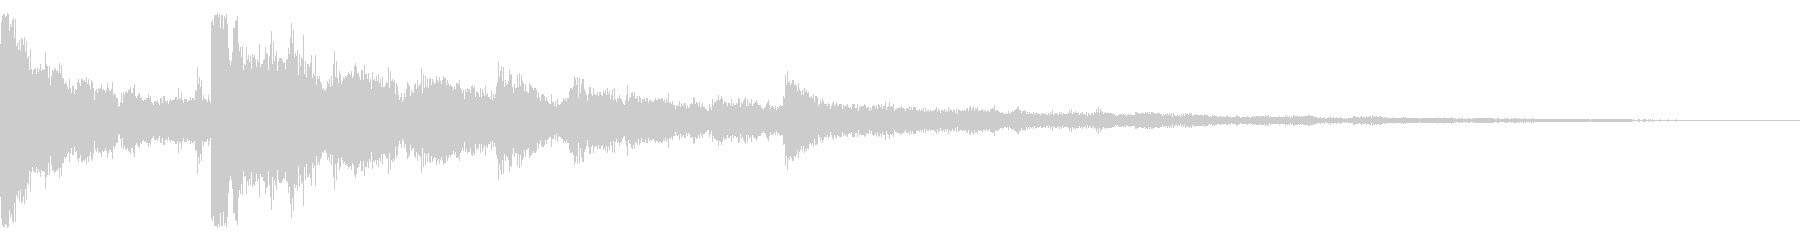 不穏 ピンポン トイピアノ リバーブの未再生の波形